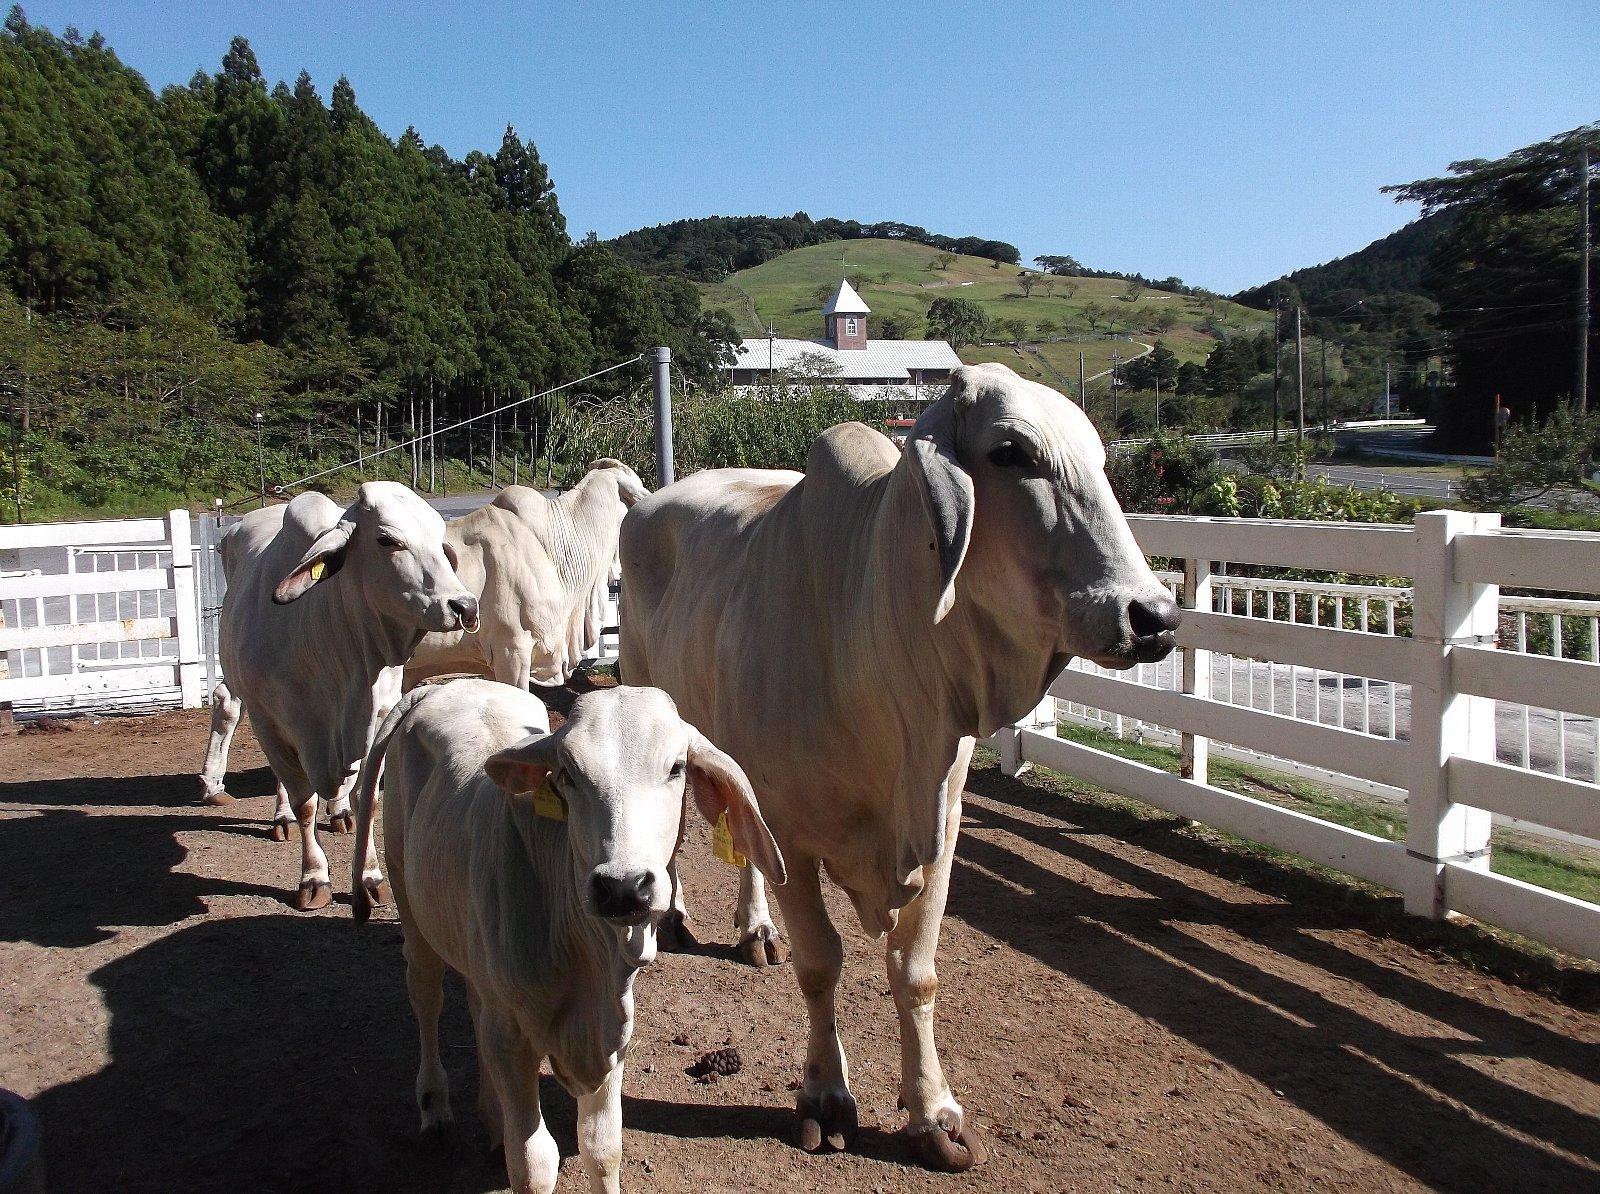 千葉県酪農のさと 千葉県酪農のさとのスポット&イベント情報 | ウォーカープラス